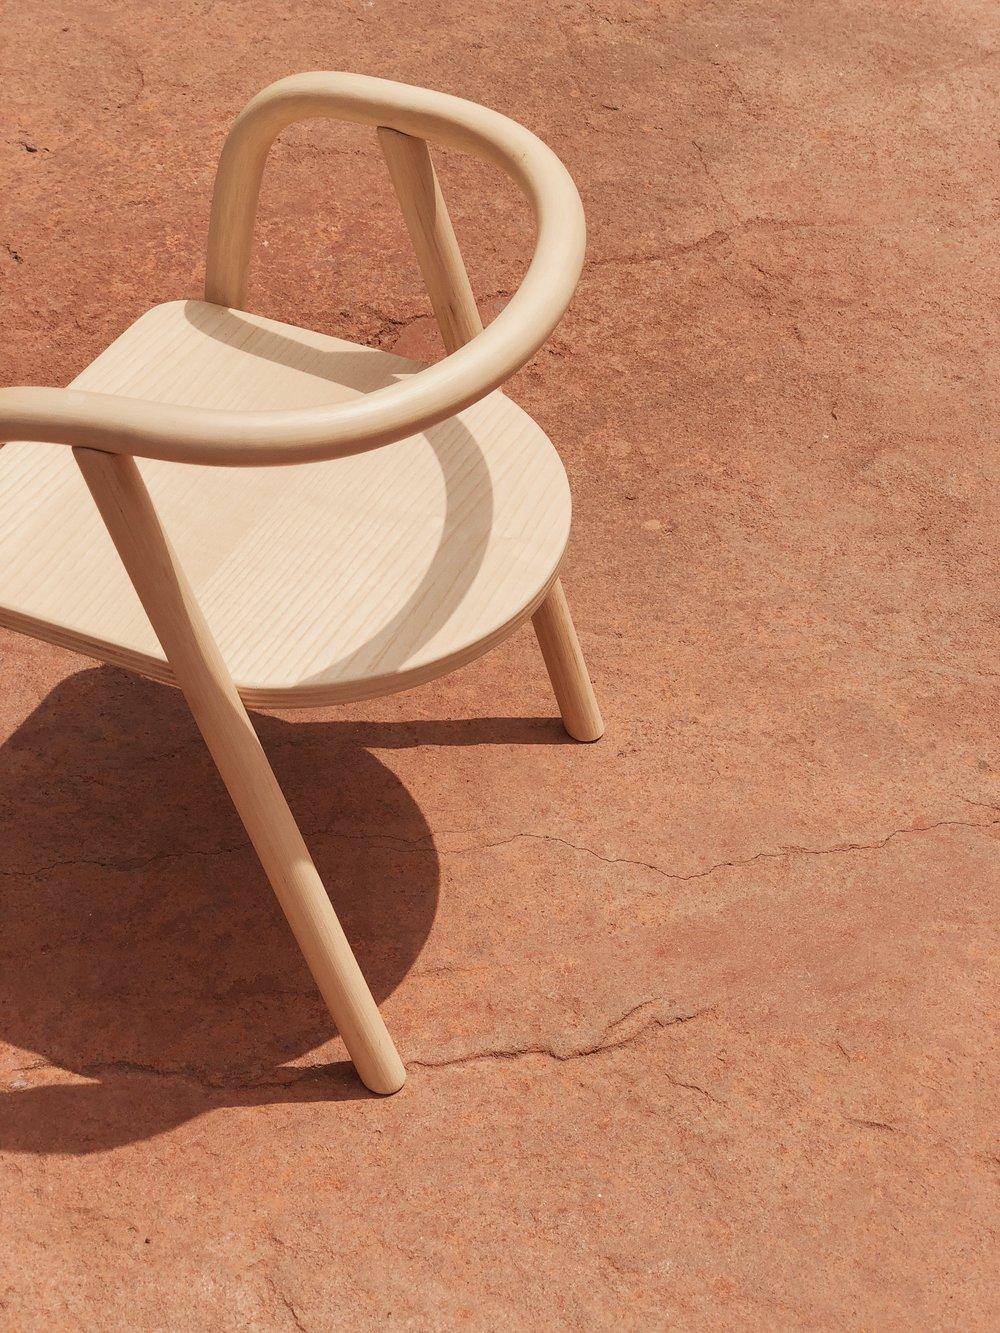 Mum and Dad Factory Chair_Chai TIme_Stella Simona_Noah Wilson_18.JPG